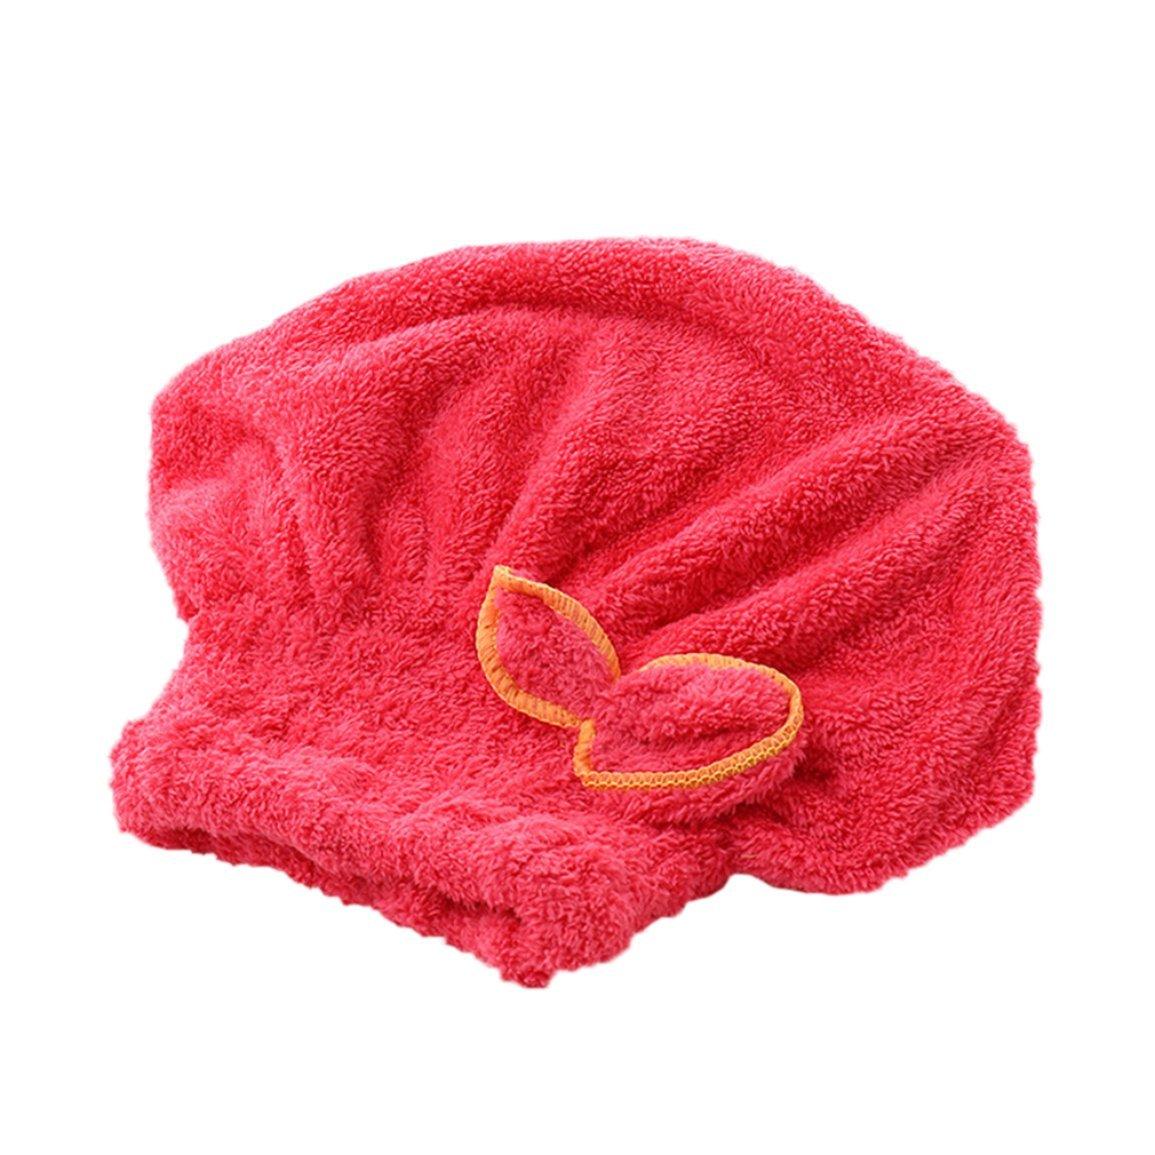 Adorabile Bowknot Capelli Solido Turbante asciuga rapidamente il cappello di avvolgere la testa di asciugamano Fantasyworld